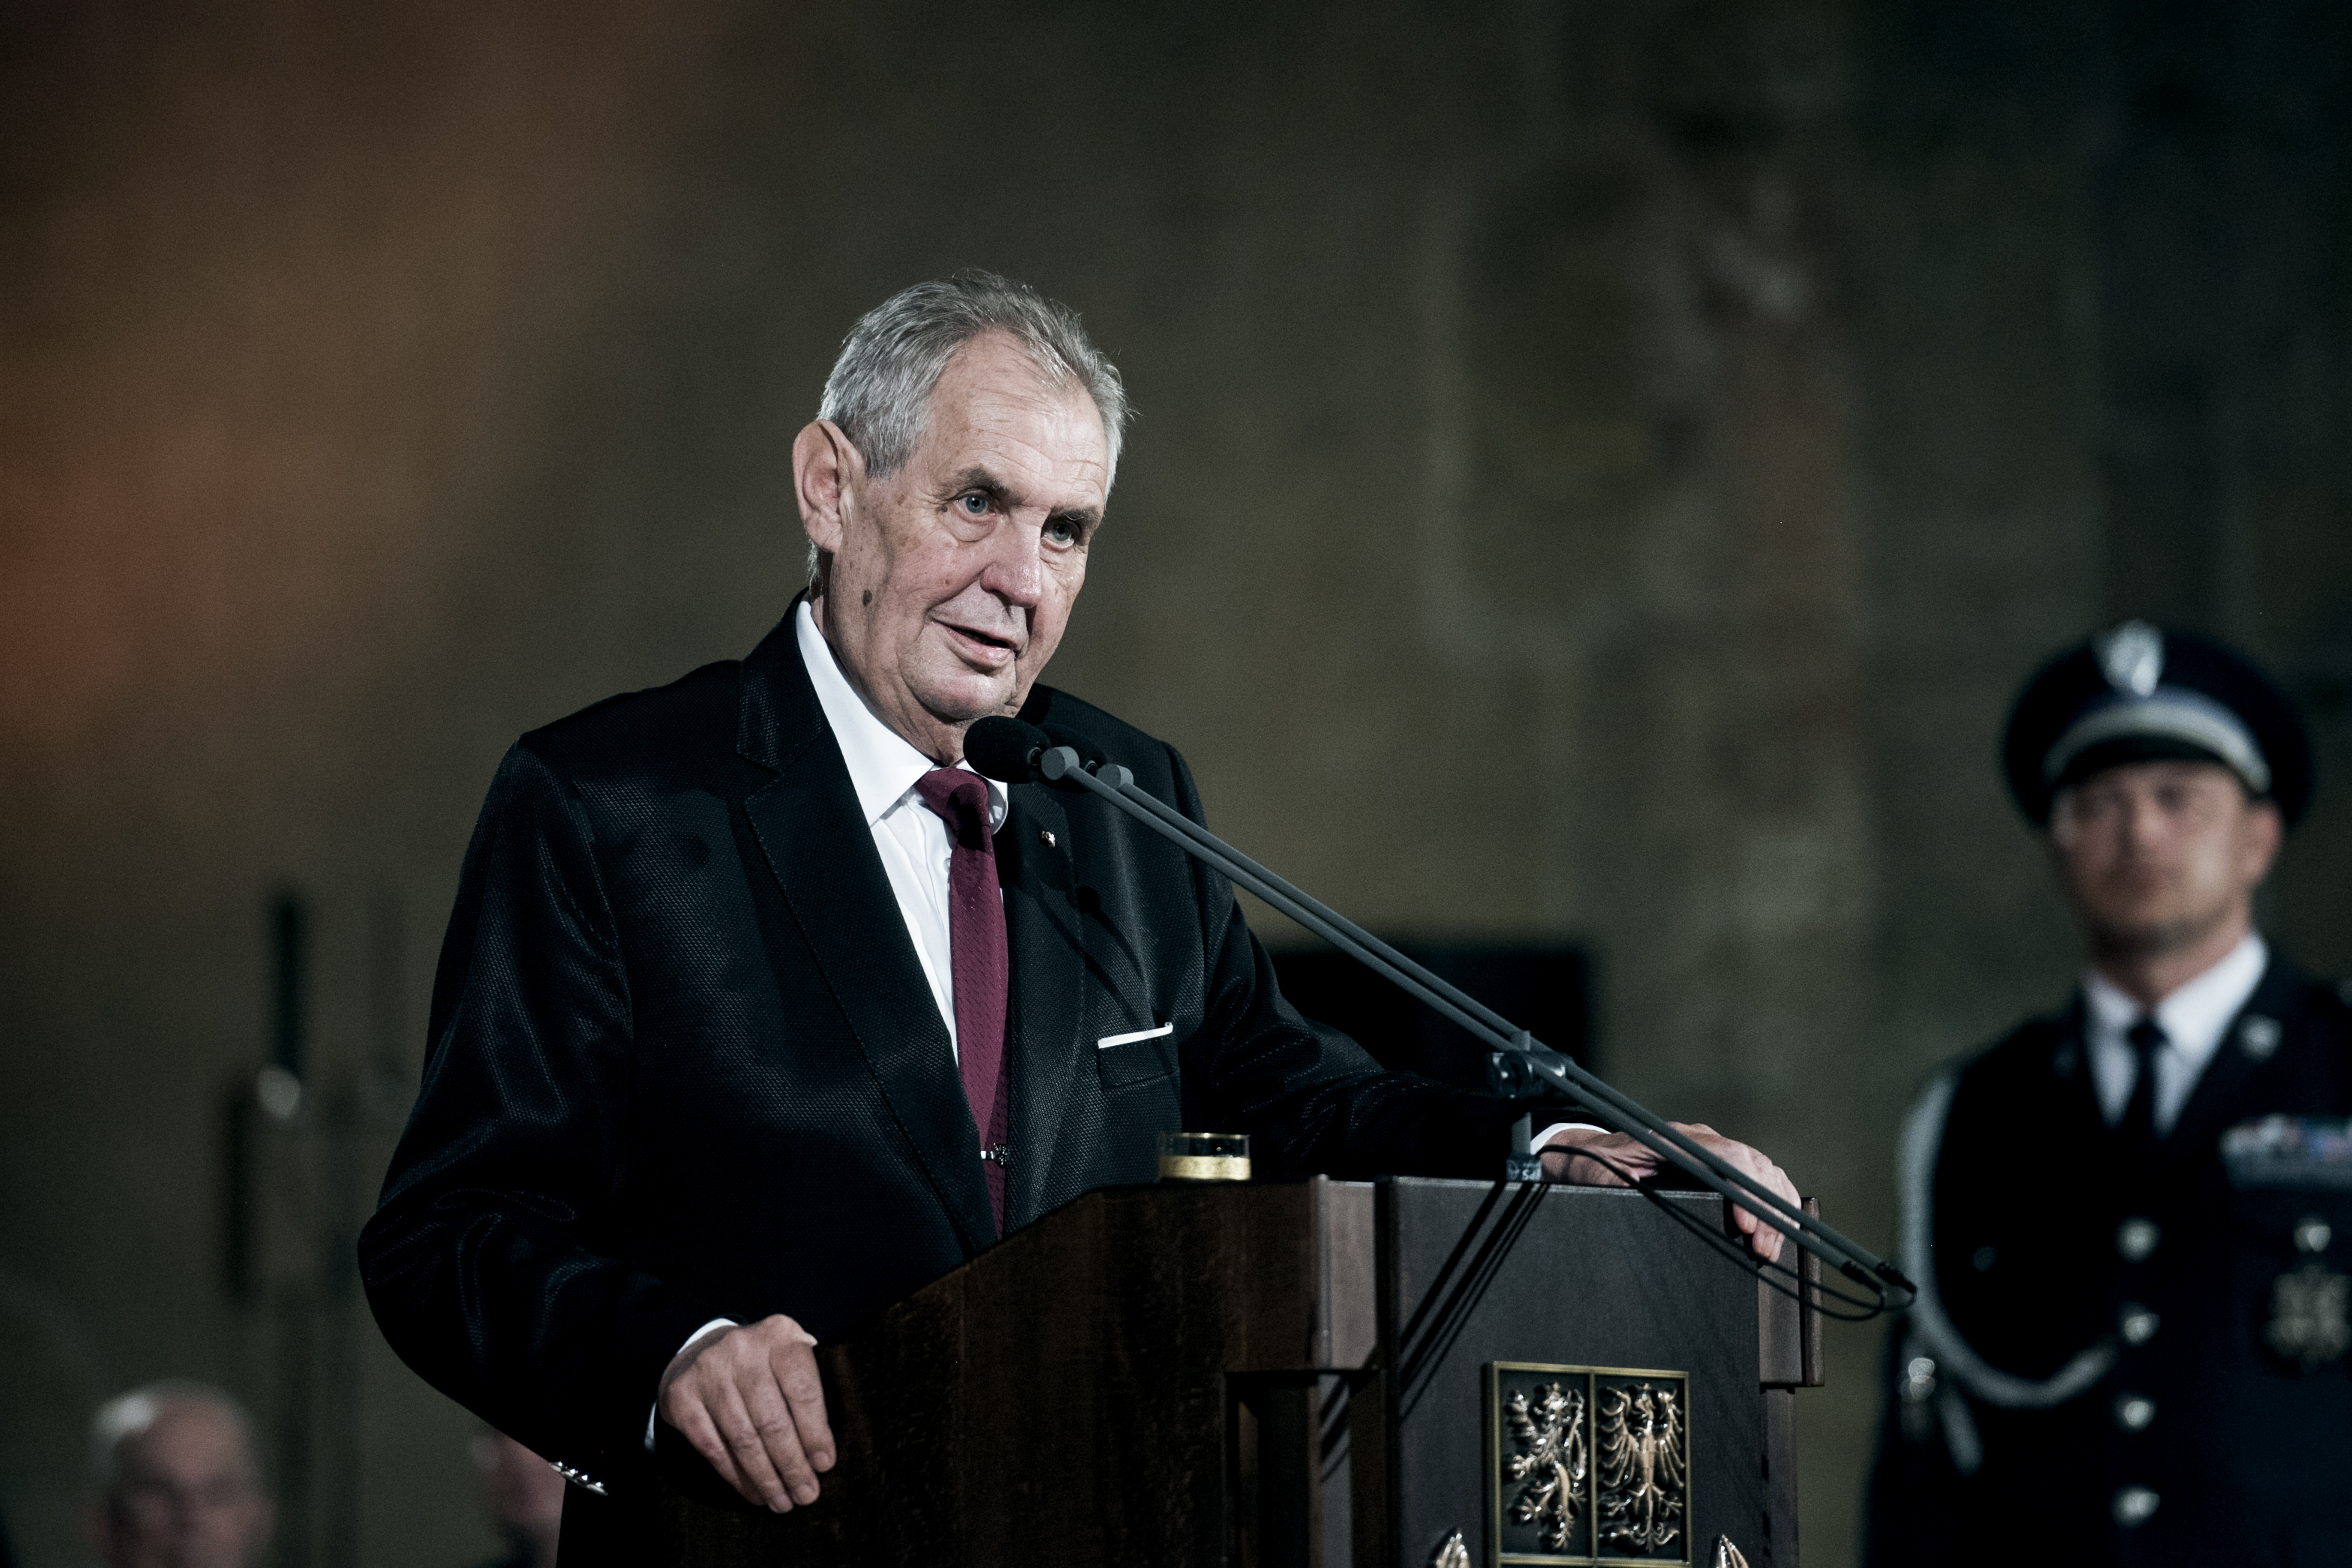 Státní vyznamenání, Vladislavský sál, Miloš Zeman